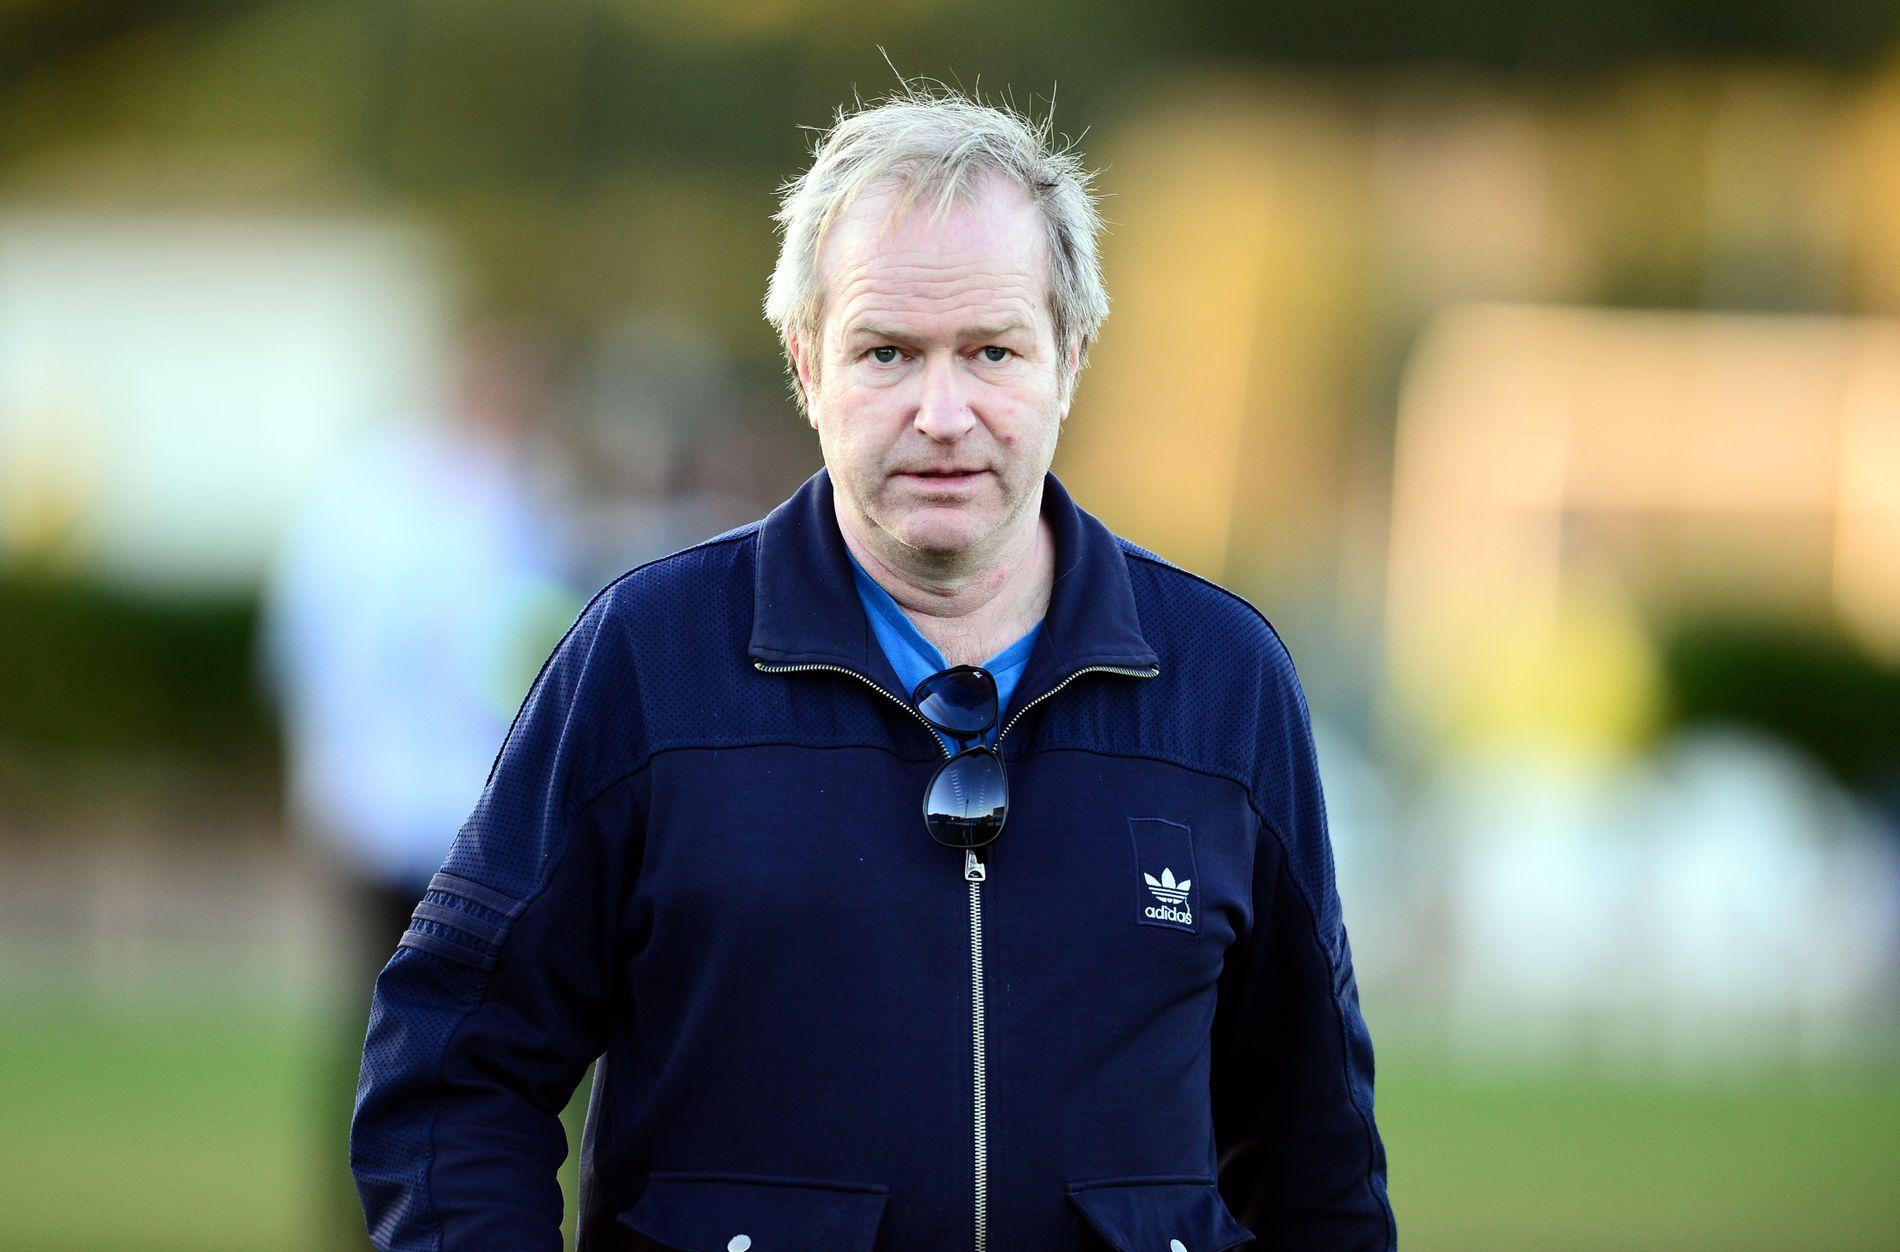 VGs landslagskommentator Knut Espen Svegaarden tror fort at Solskjær kan få jobben som landslagssjef nå.